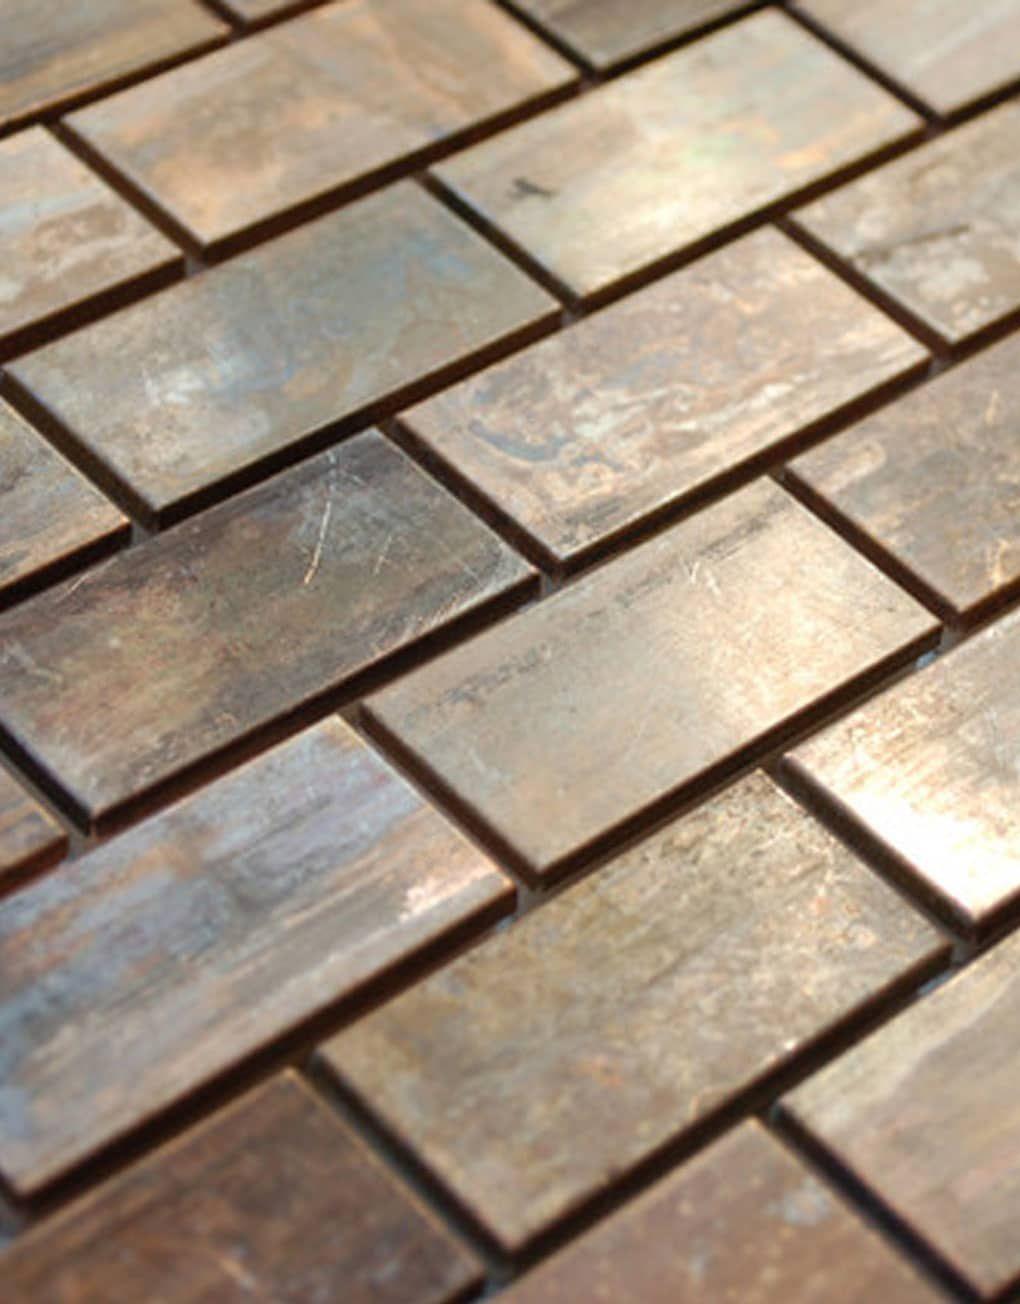 Antique Copper Brick Mosaic Tile With Images Copper